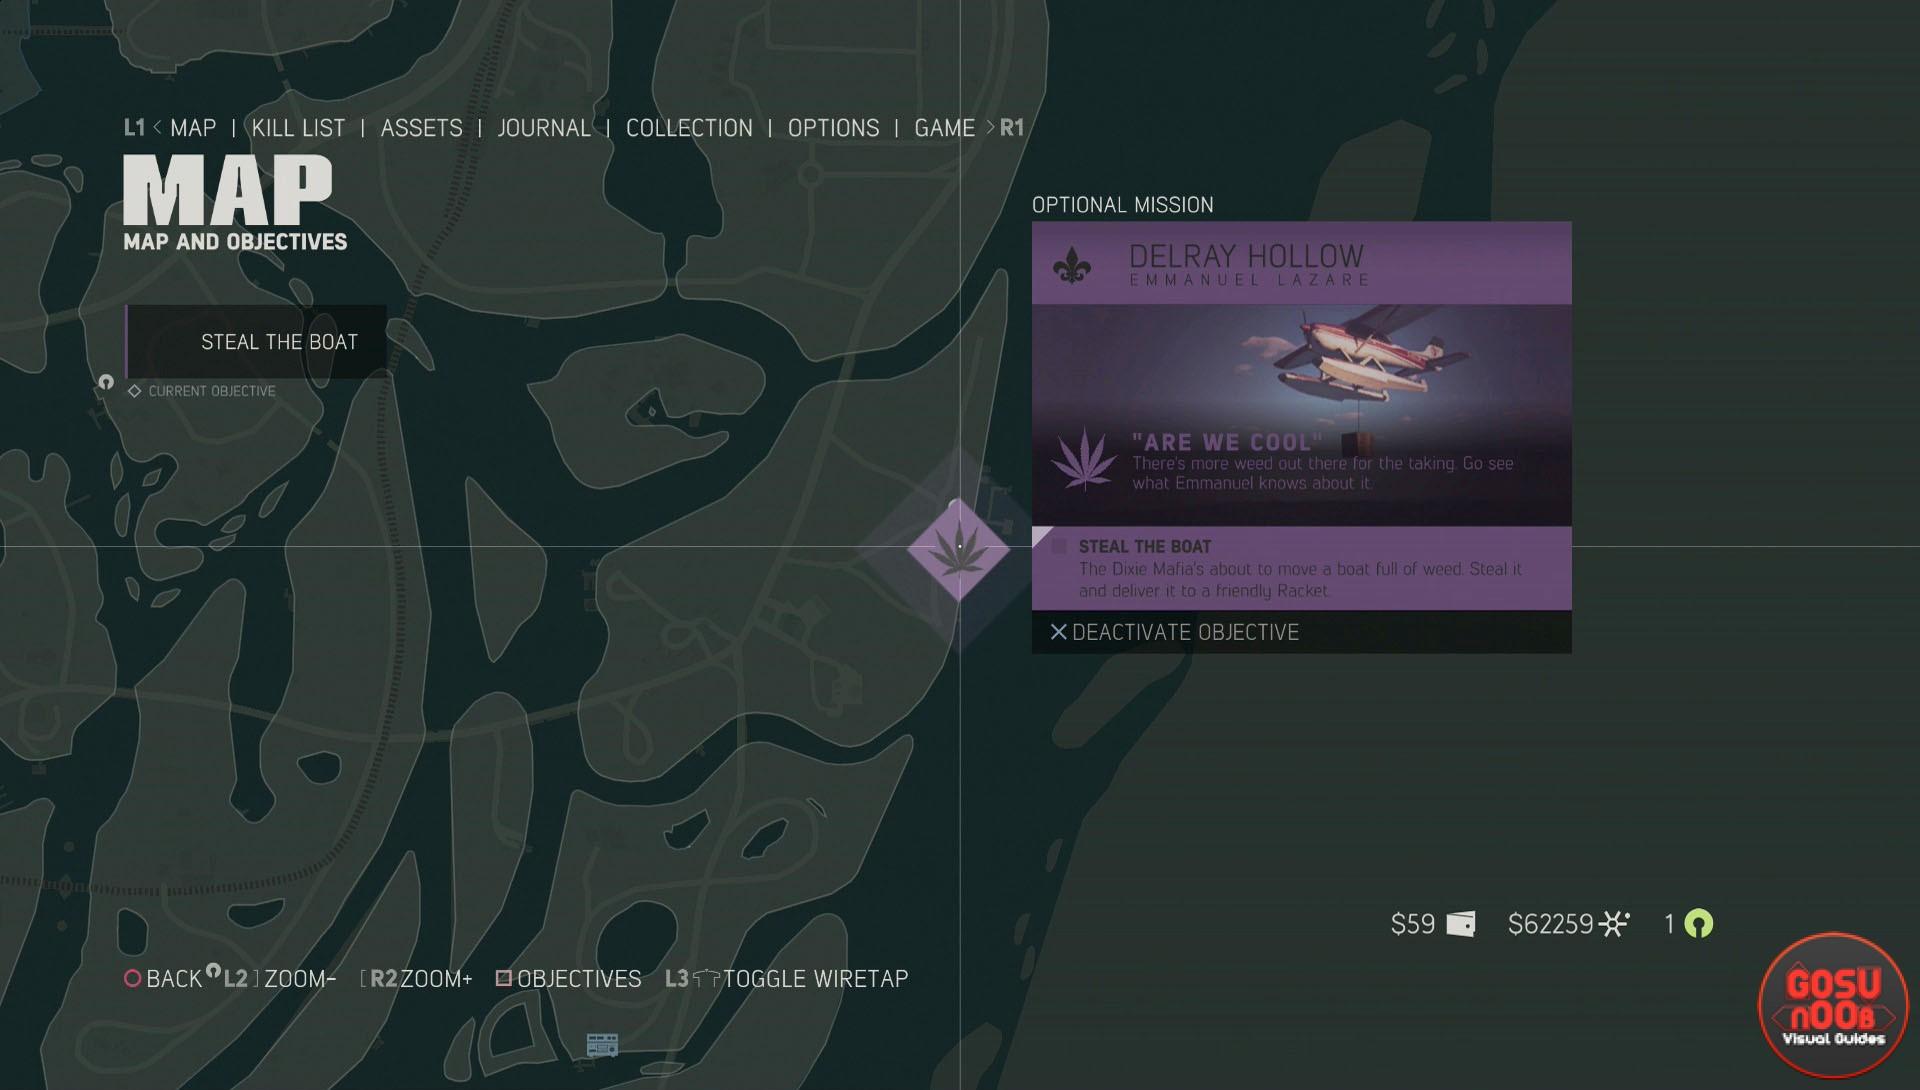 Siempre hay misiones secundarias para hacer, pero no siempre se pueden hacer (y no queda claro)